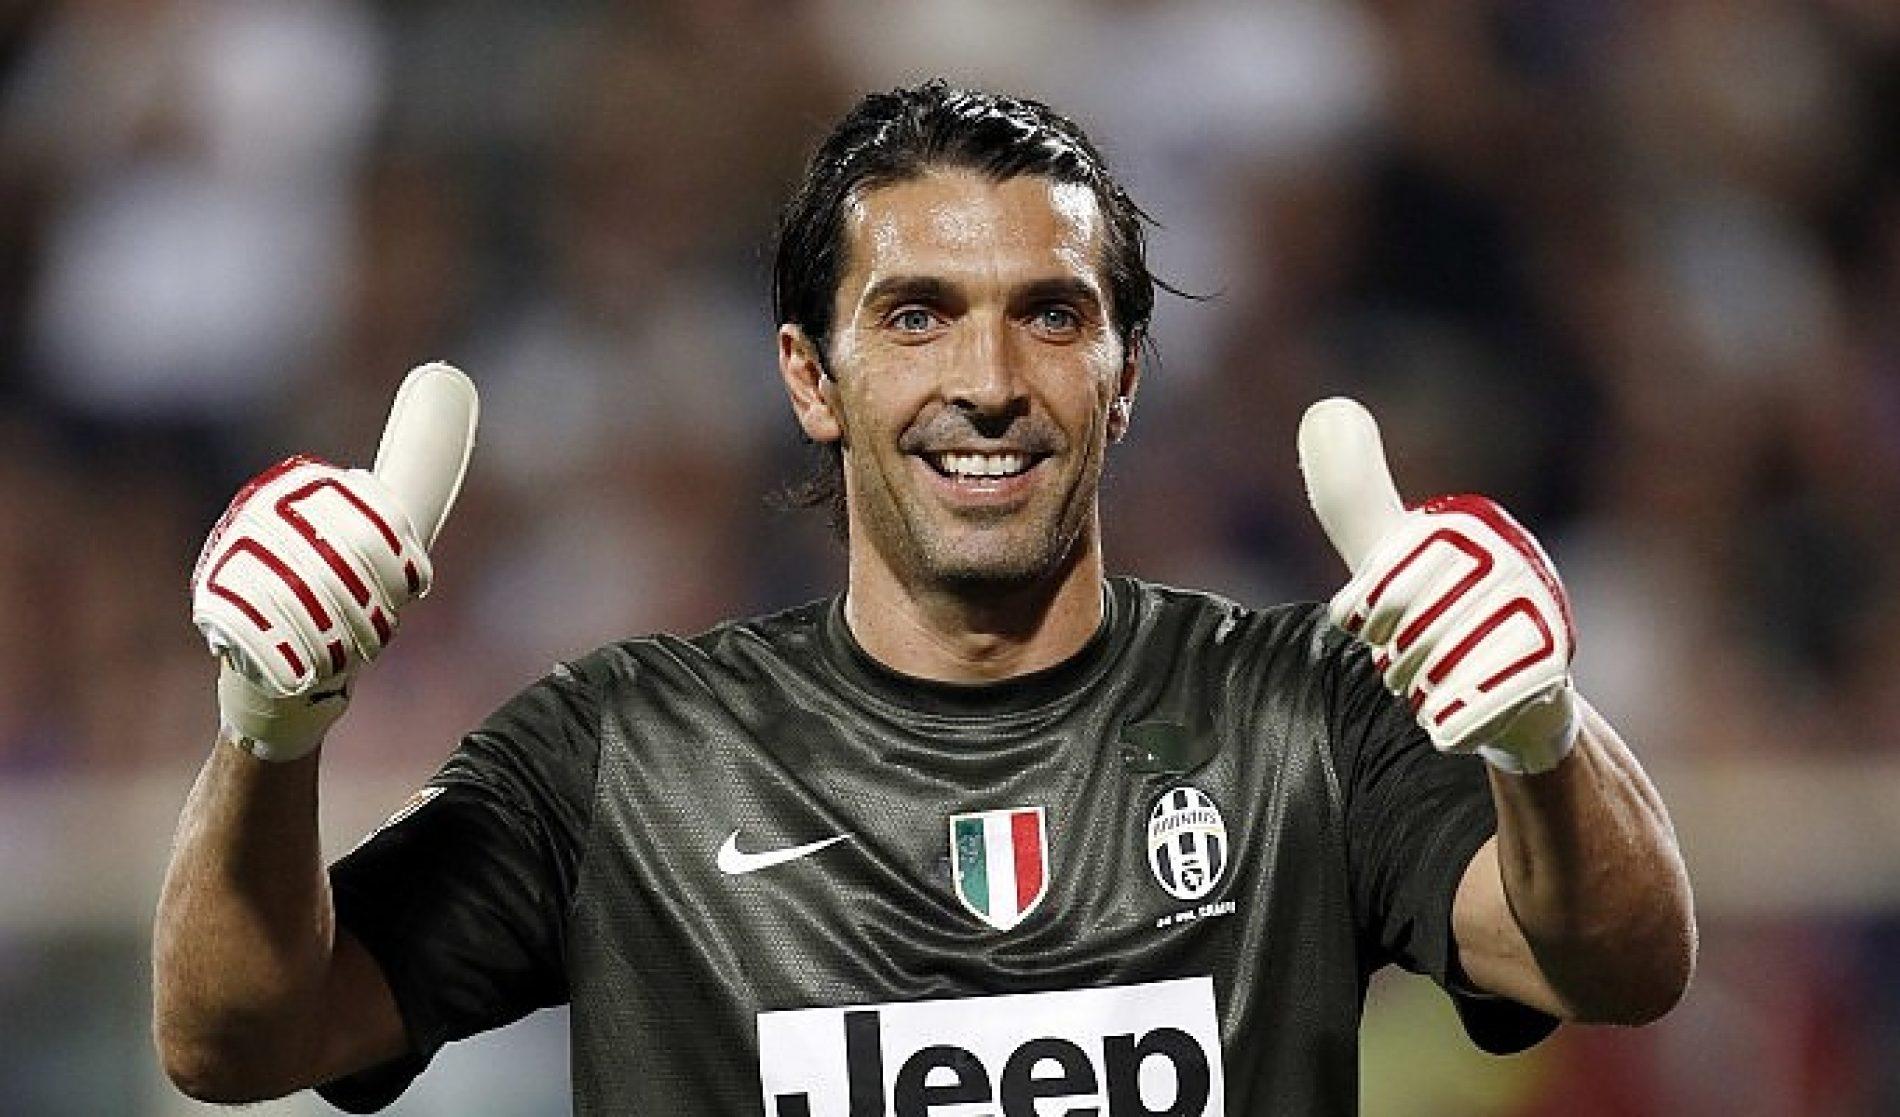 """Vitiello: """"Scudetto? Juve favorita, Napoli principale antagonista, ma attenti a Roma ed Inter"""""""